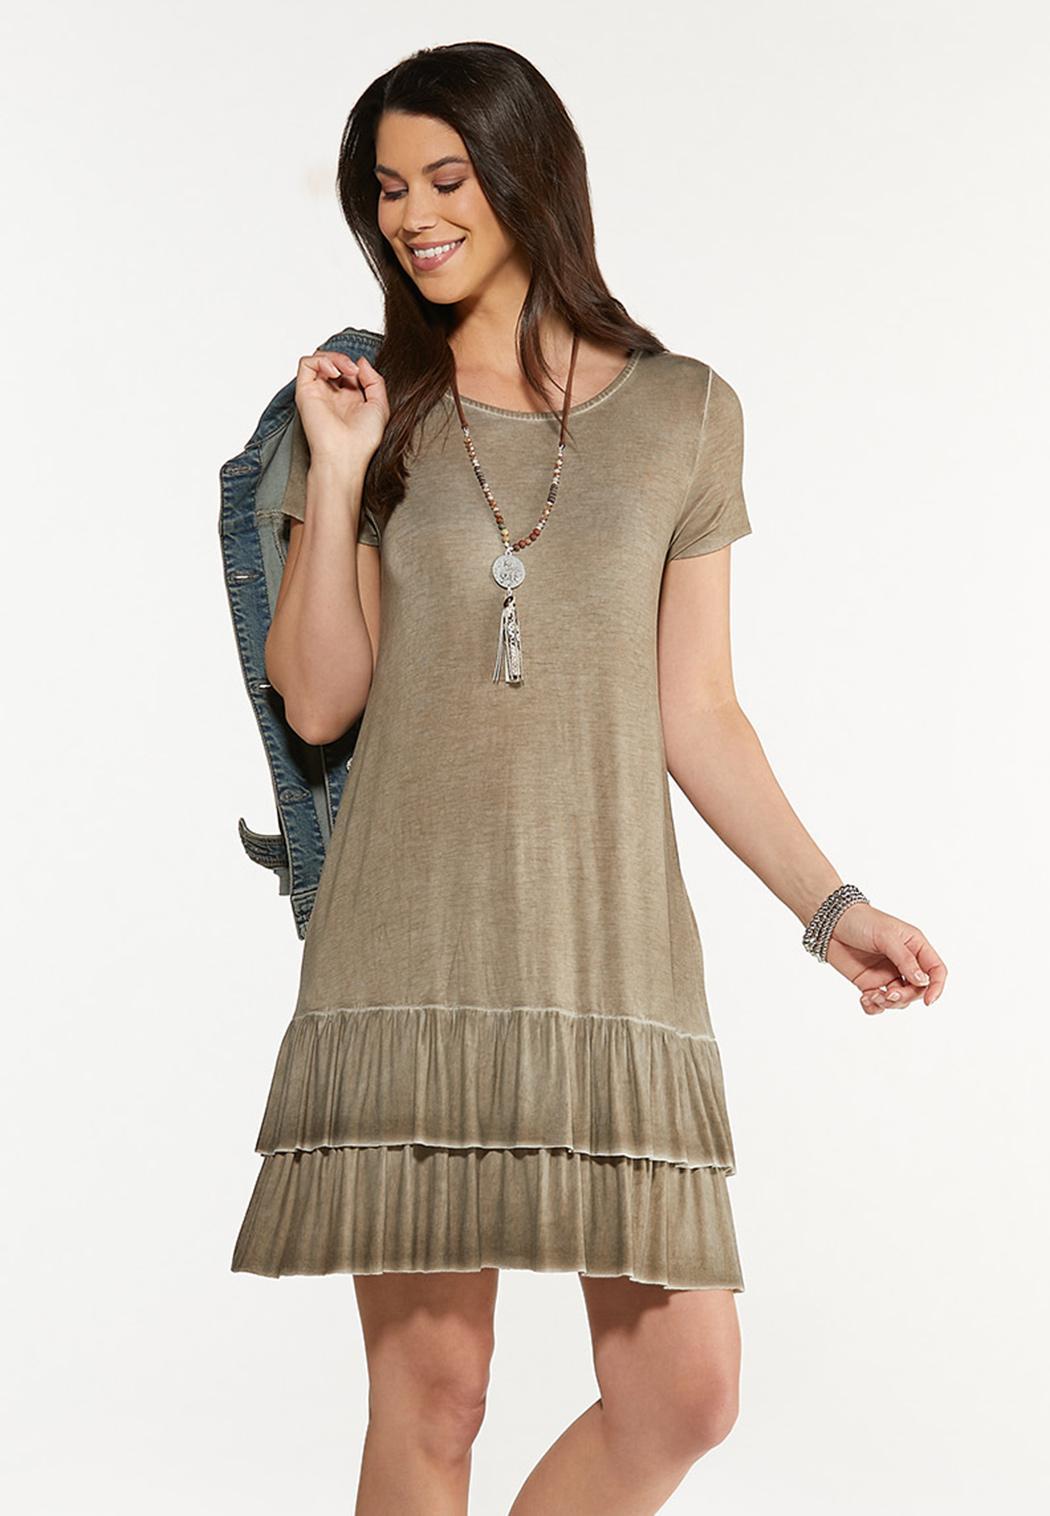 Summer Sand Flounced Dress